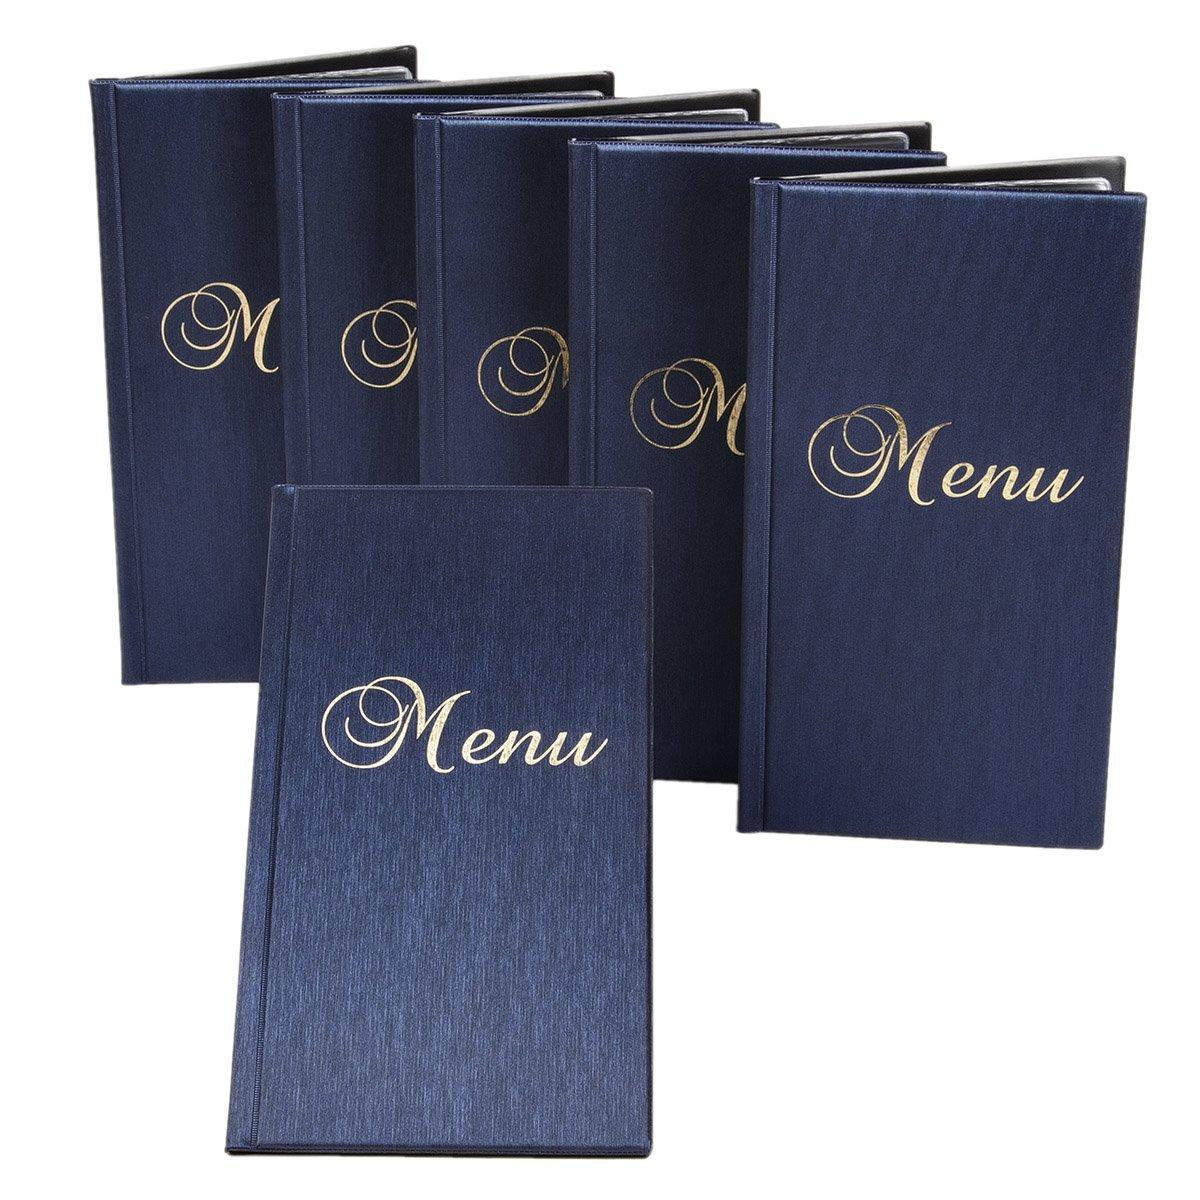 6 Stück Blau Metallic langformatige Speisekarten Menükarten 33 x 17,5 cm B07BJ9QCW7 | Online